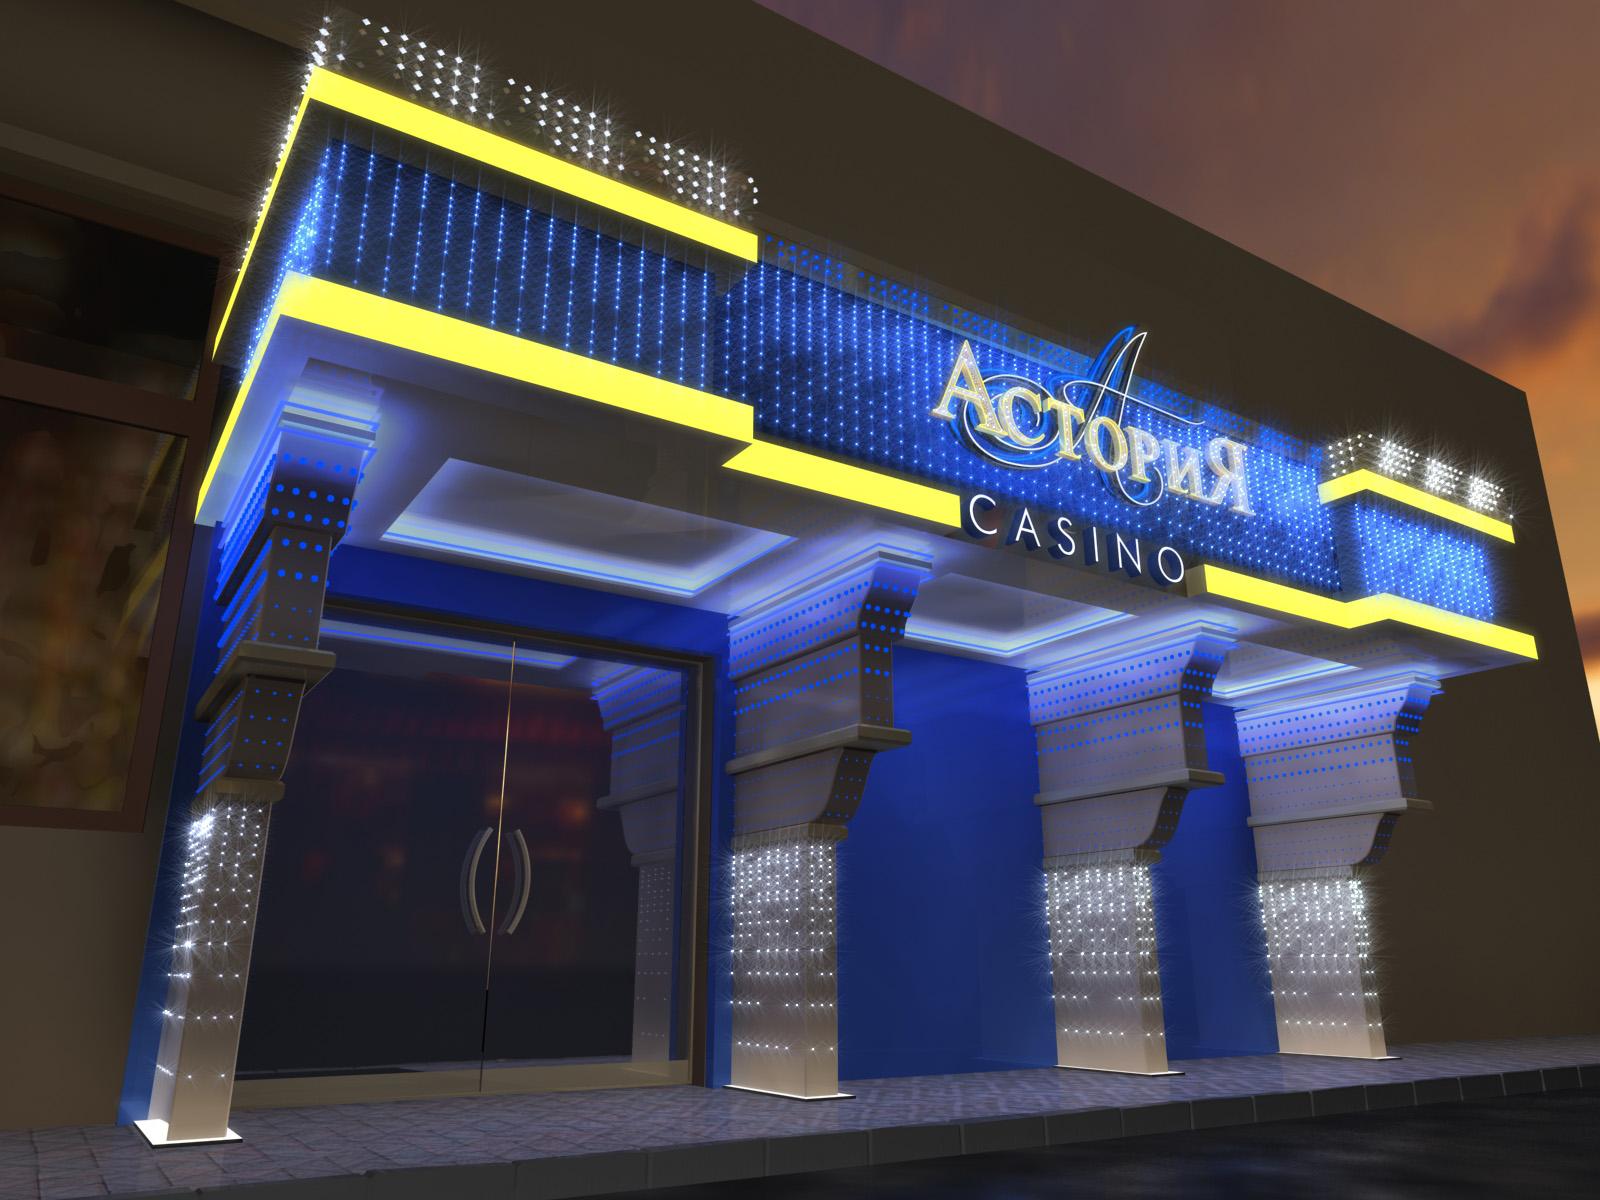 Первый вариант 3д-дизайна фасада